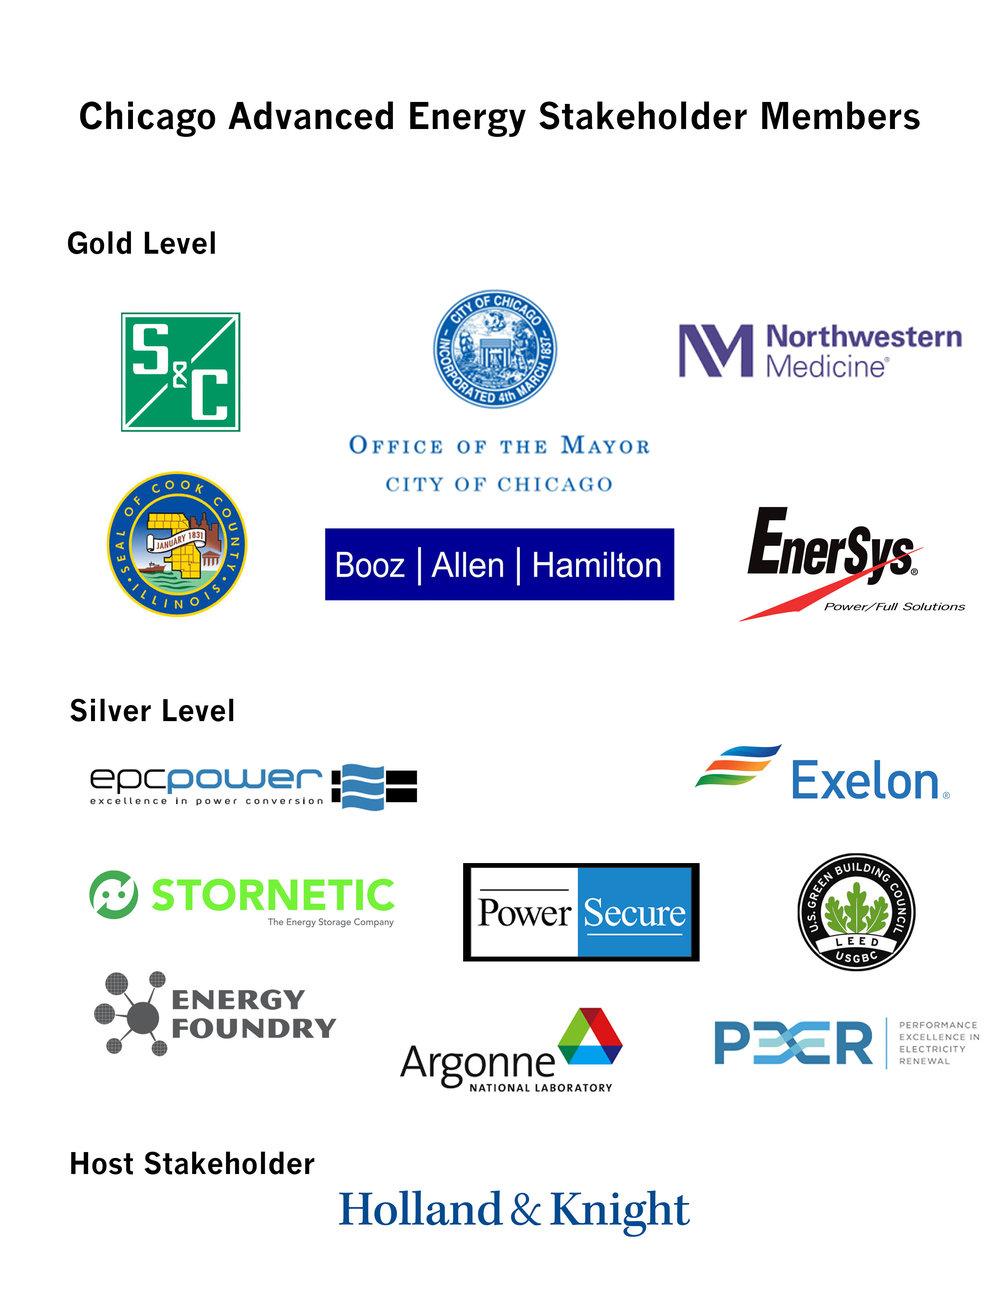 CAE Stakeholder Logos 10_2_17_full.jpg